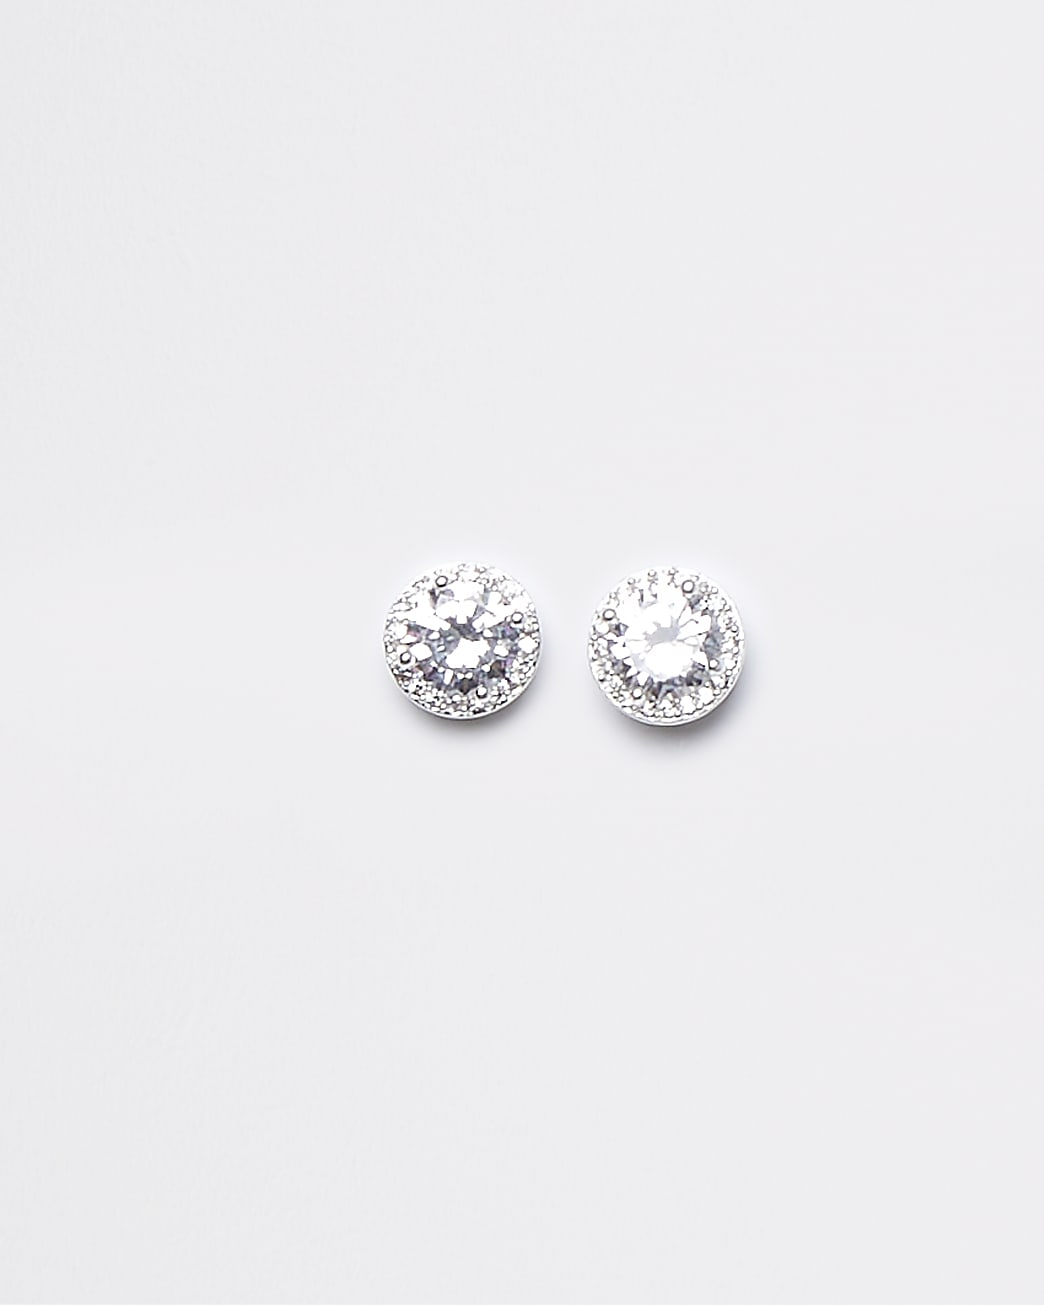 Silver crystal stud earrings